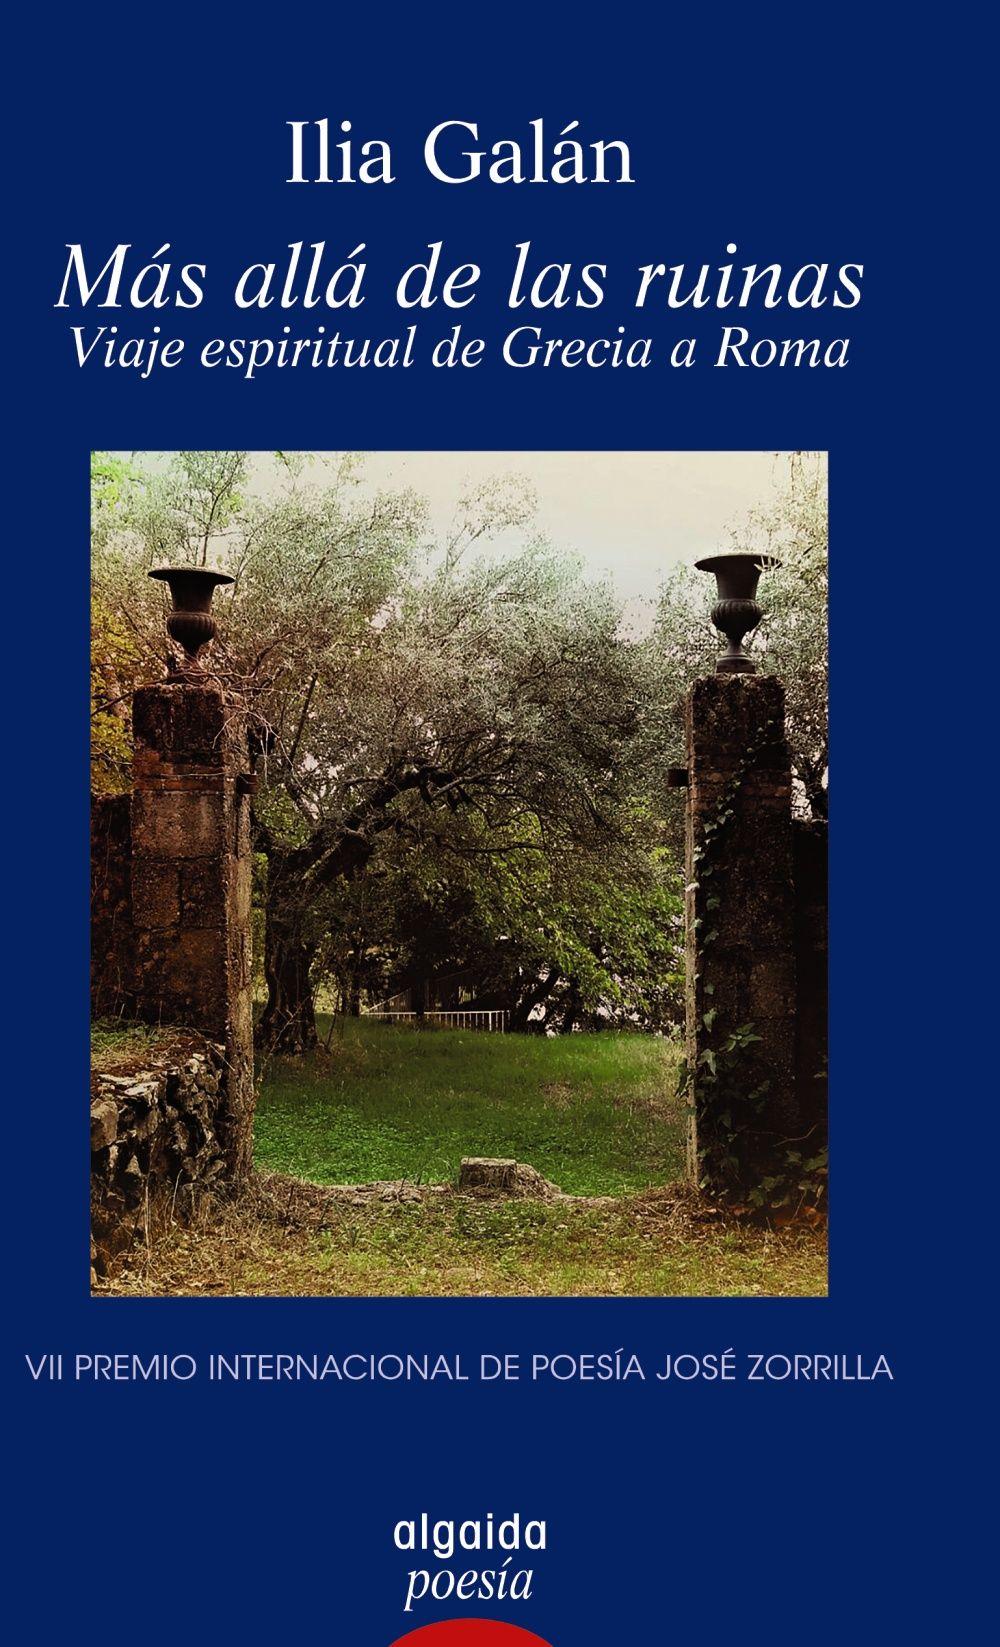 MAS ALLA DE LAS RUINAS VIAJE ESPIRITUAL DE GRECIA A ROMA